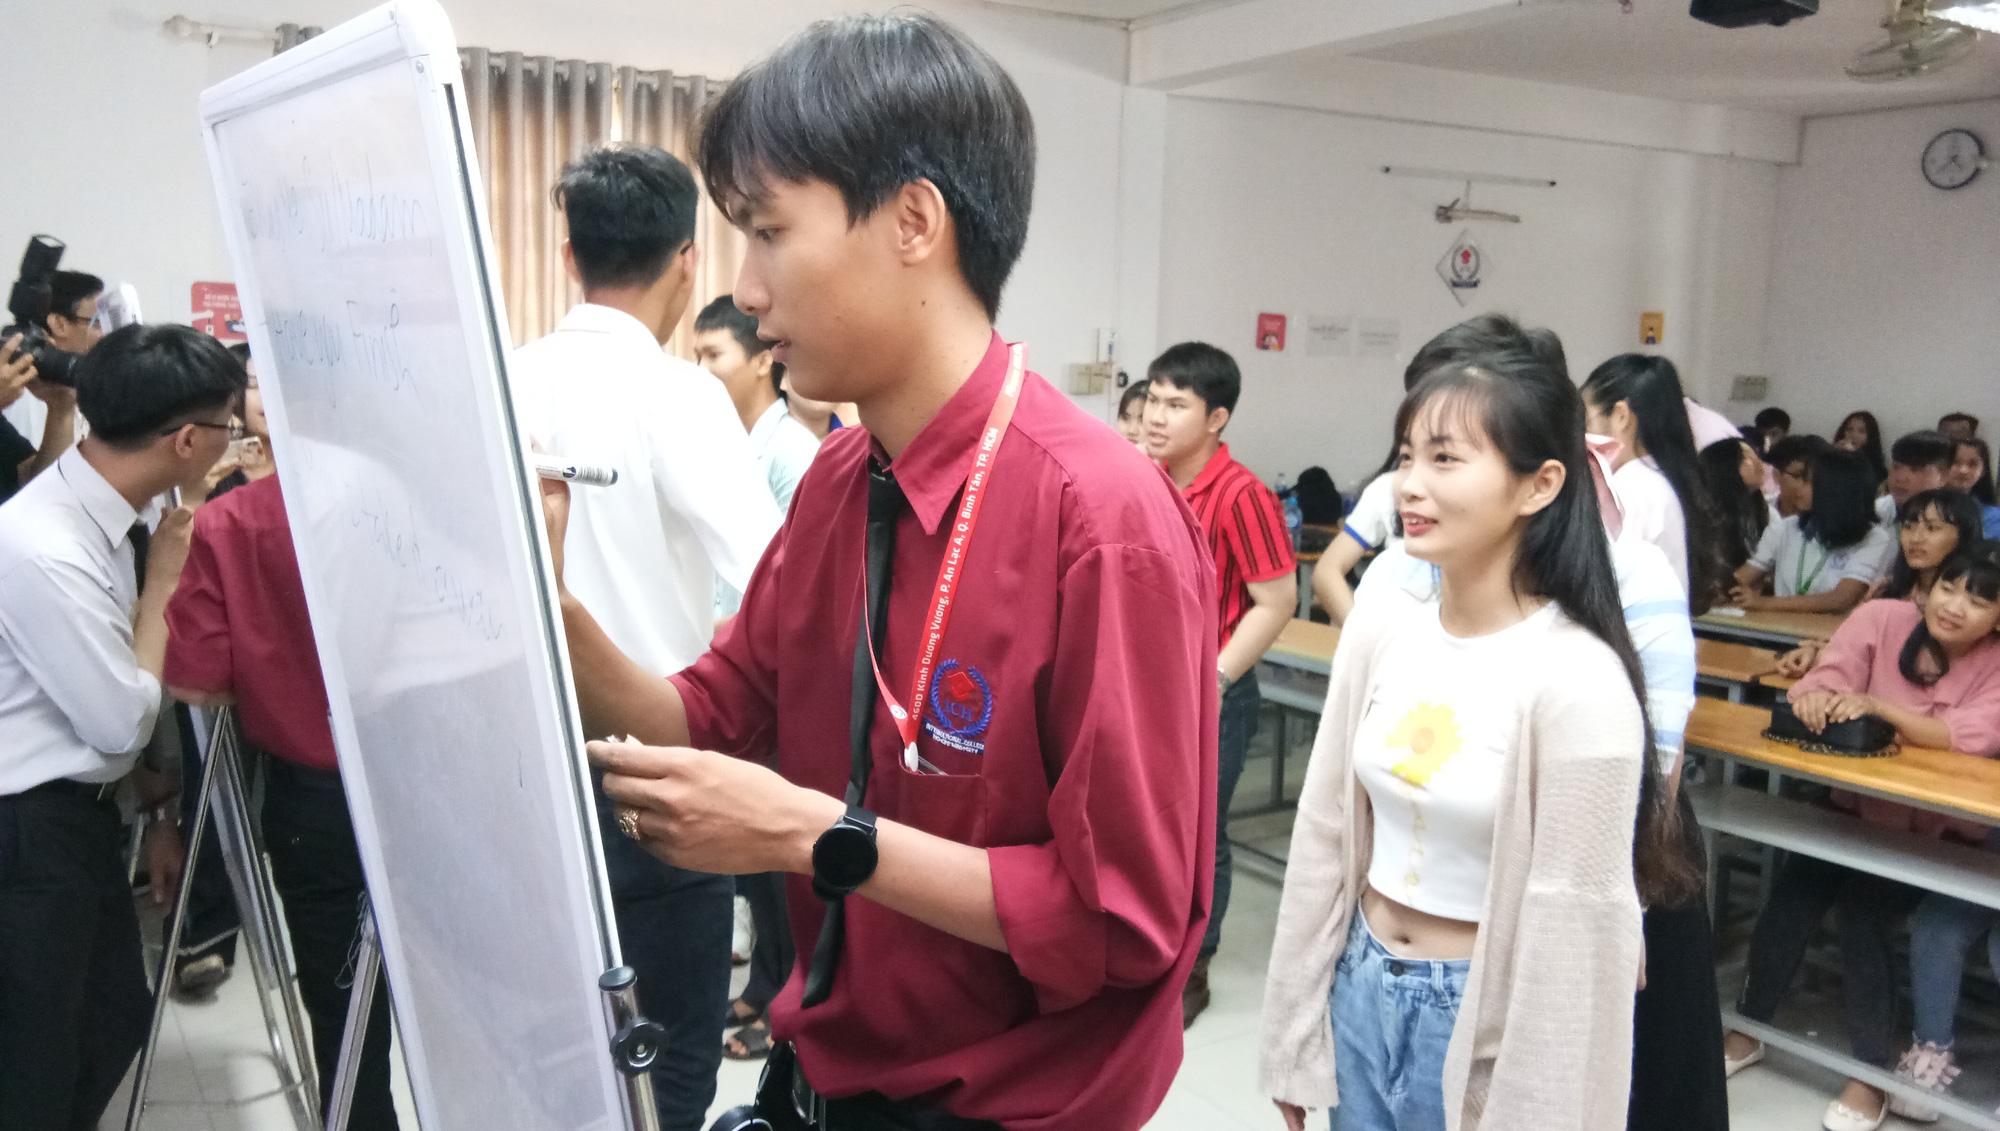 Học chương trình 9+Cao đẳng để đi làm khi… 18 tuổi rưỡi - Ảnh 2.